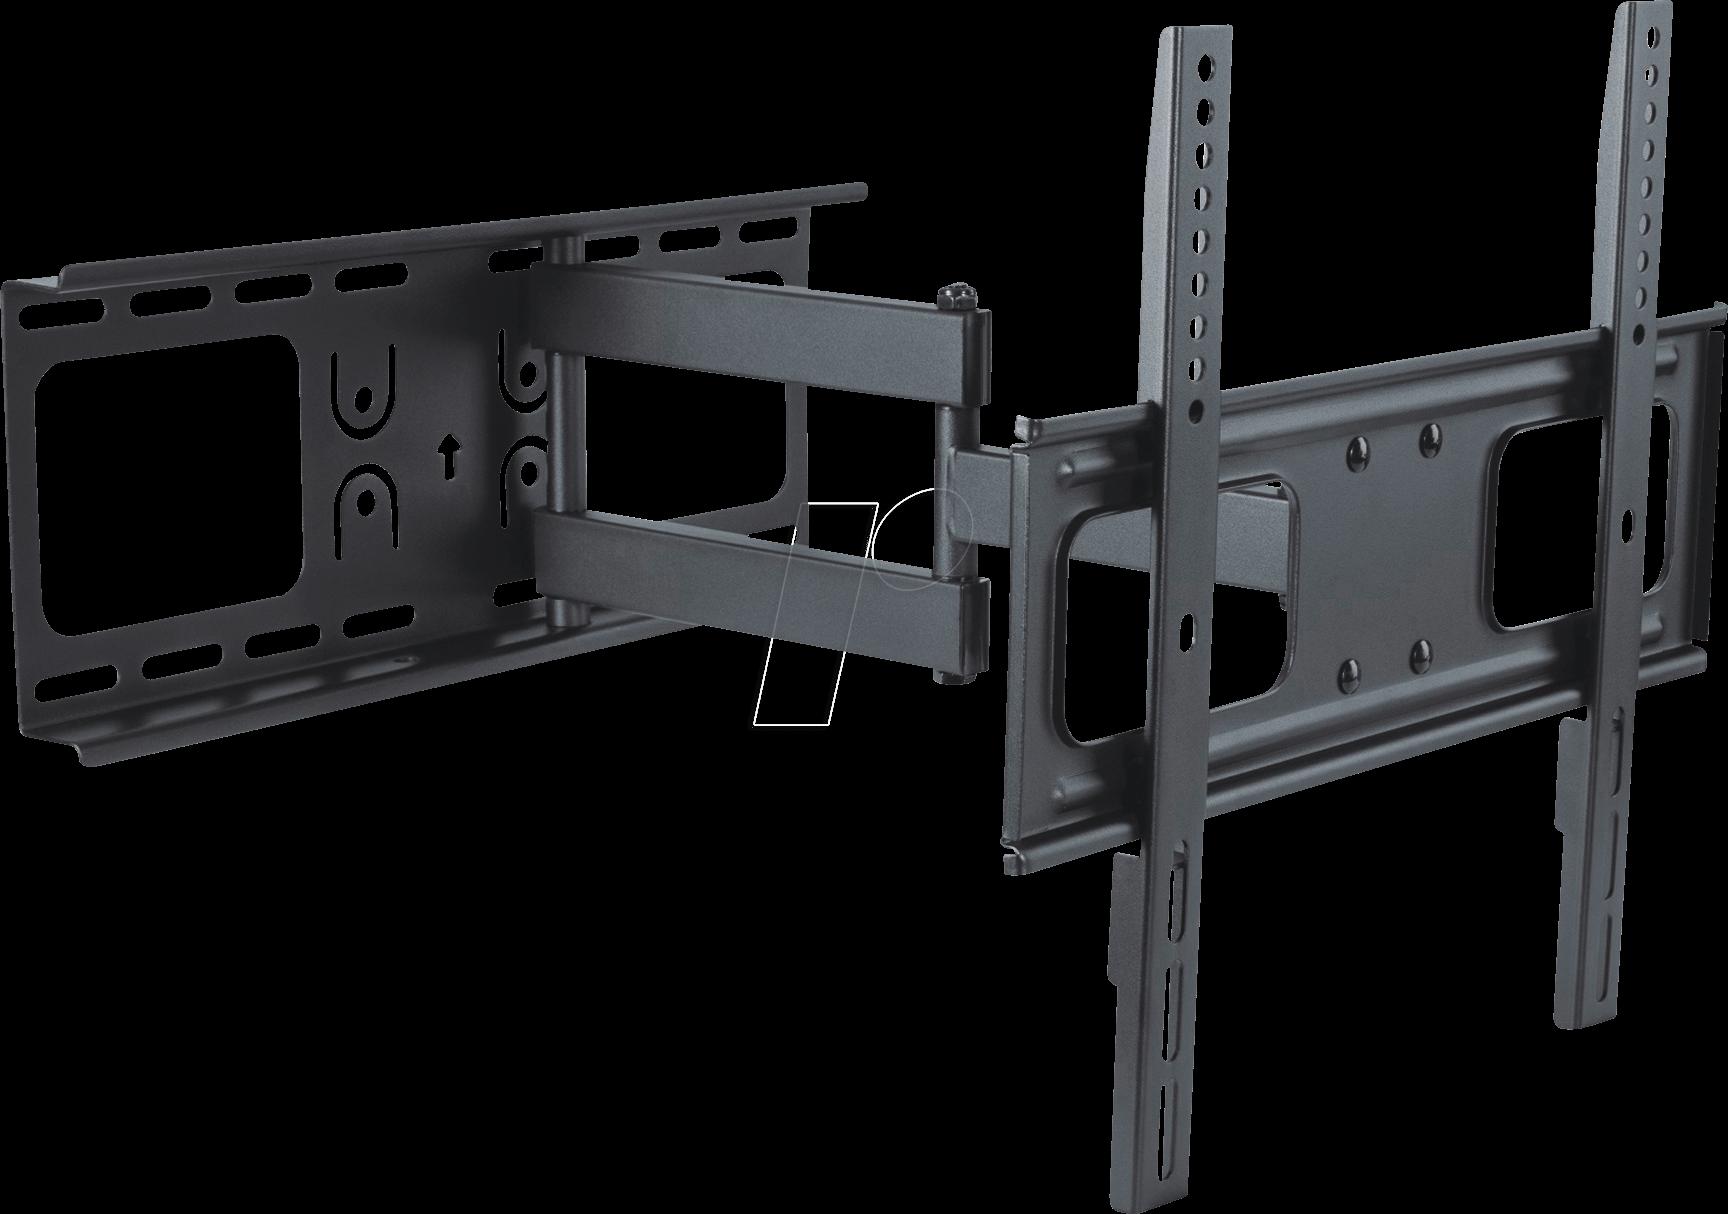 pm fm30 400 tv wandhalterung neigbar schwenkbar 32 55 schwarz bei reichelt elektronik. Black Bedroom Furniture Sets. Home Design Ideas